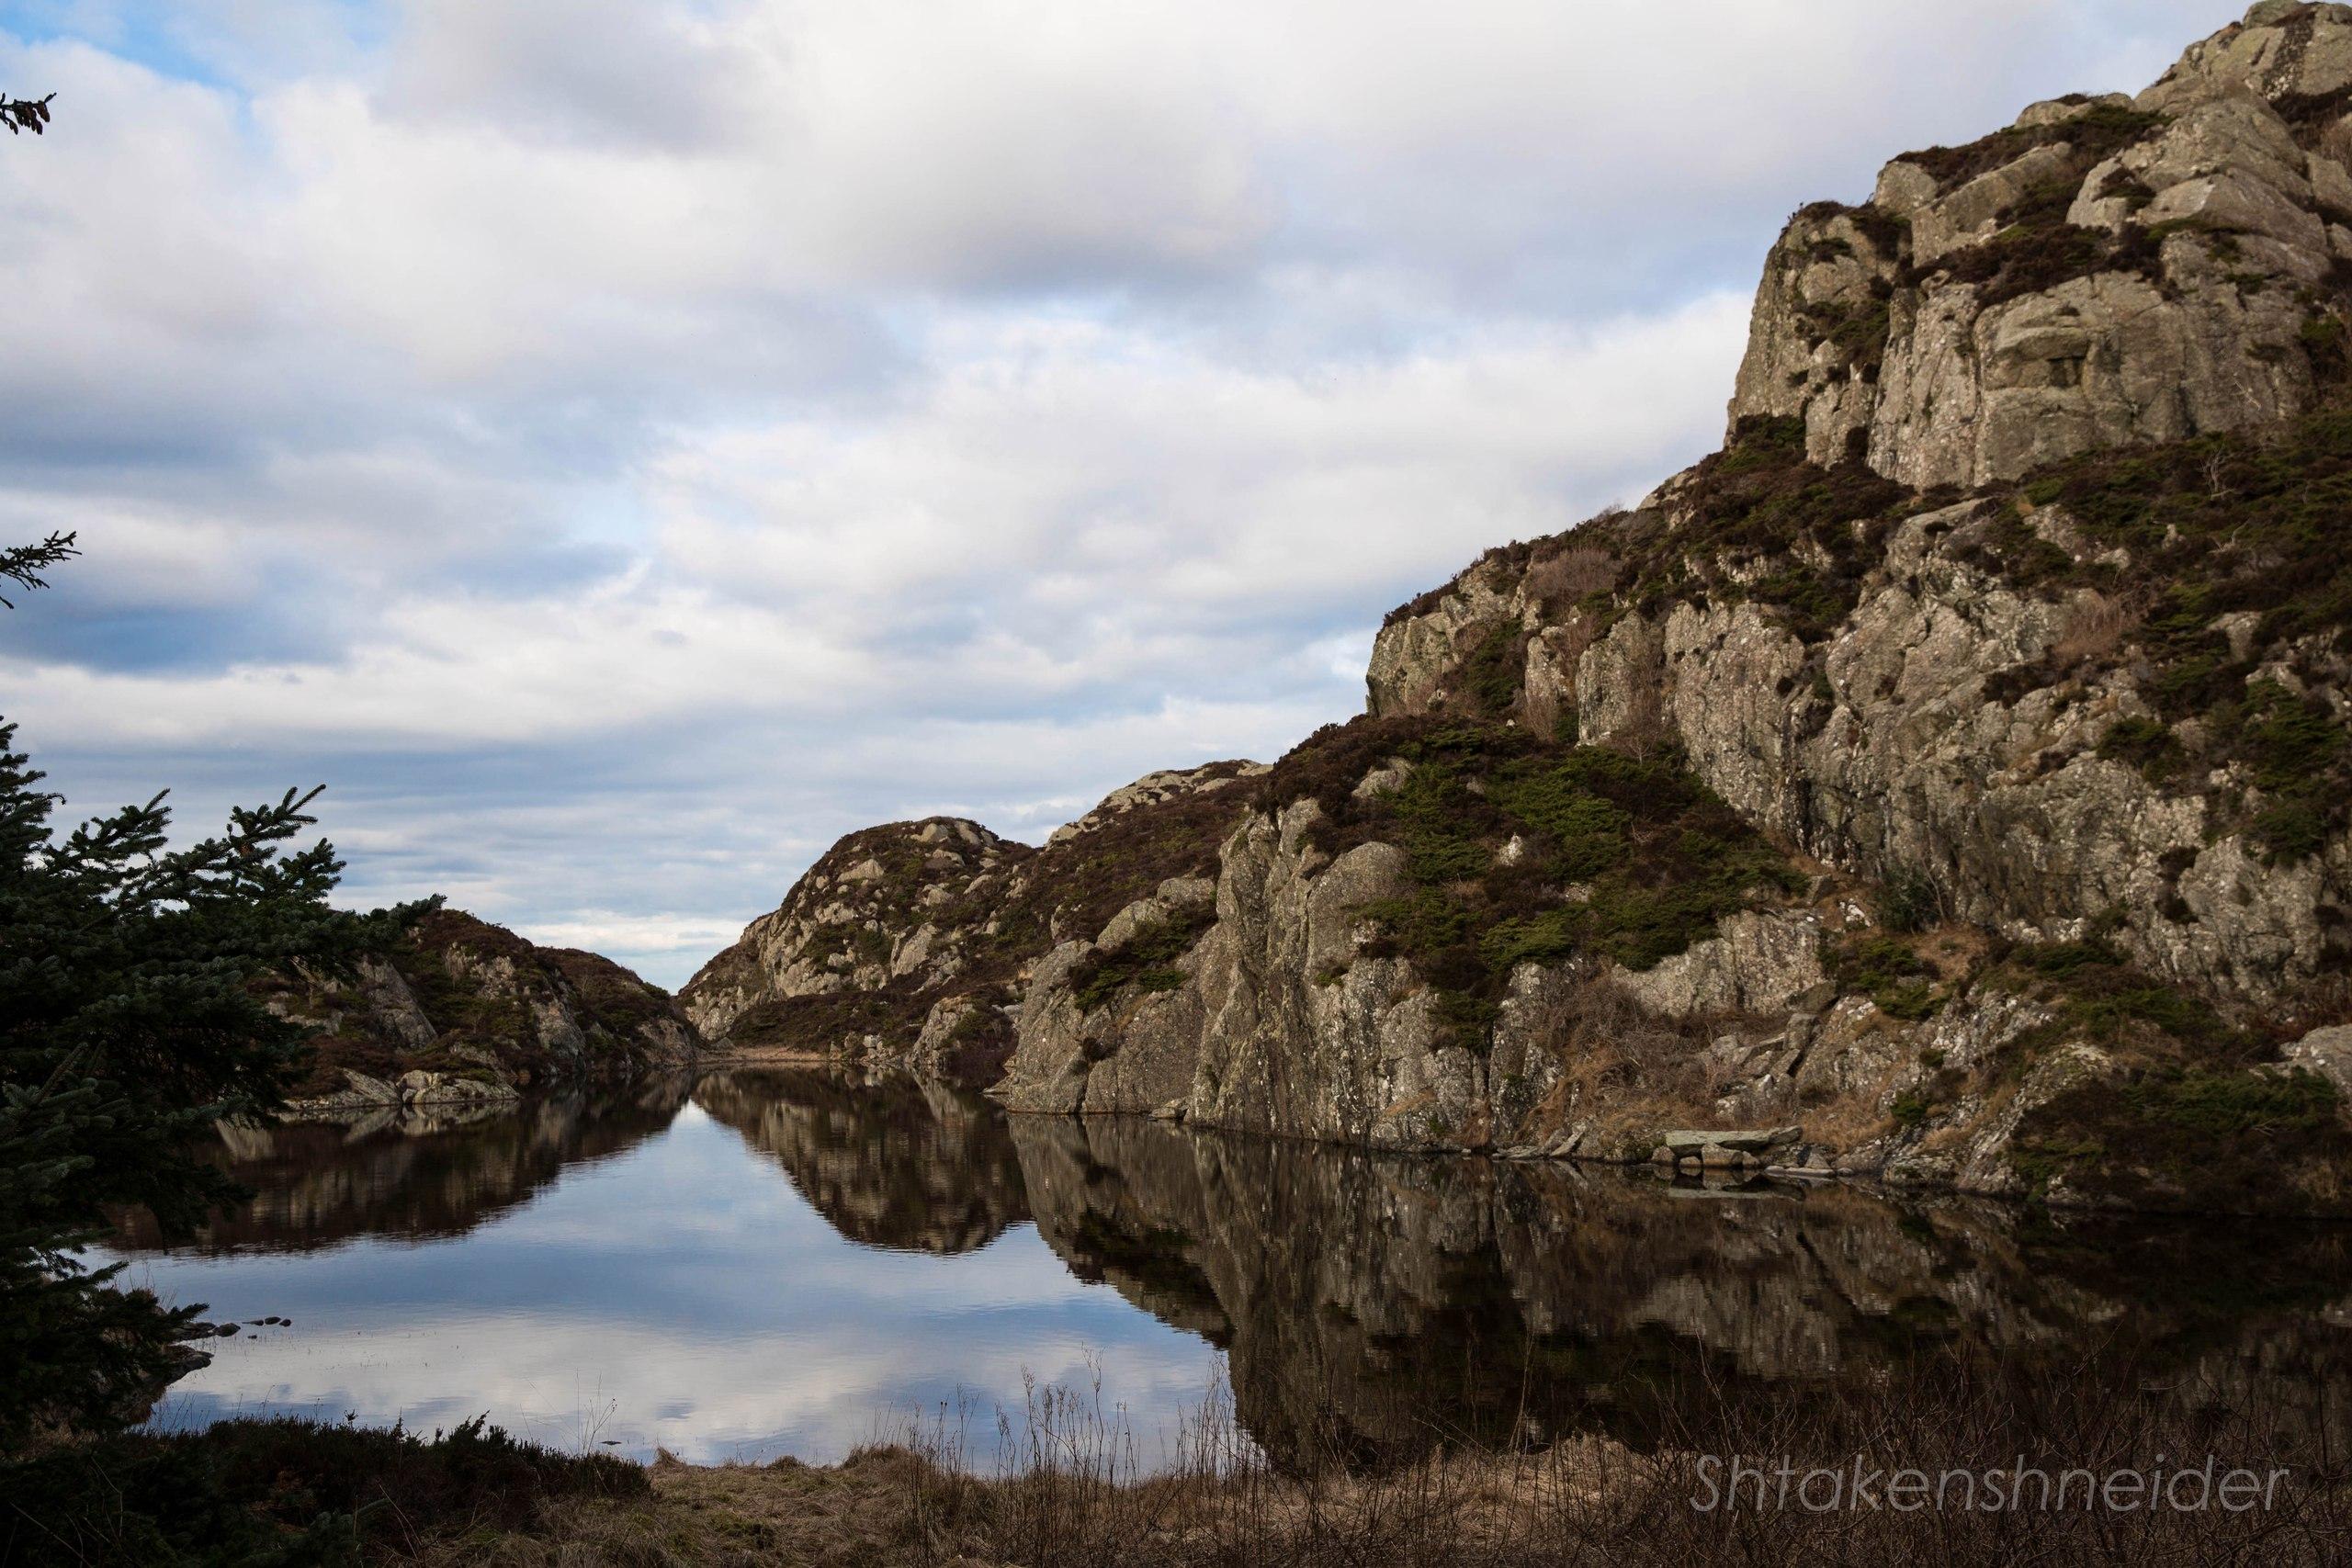 Остров Эспевер. Норвегия.